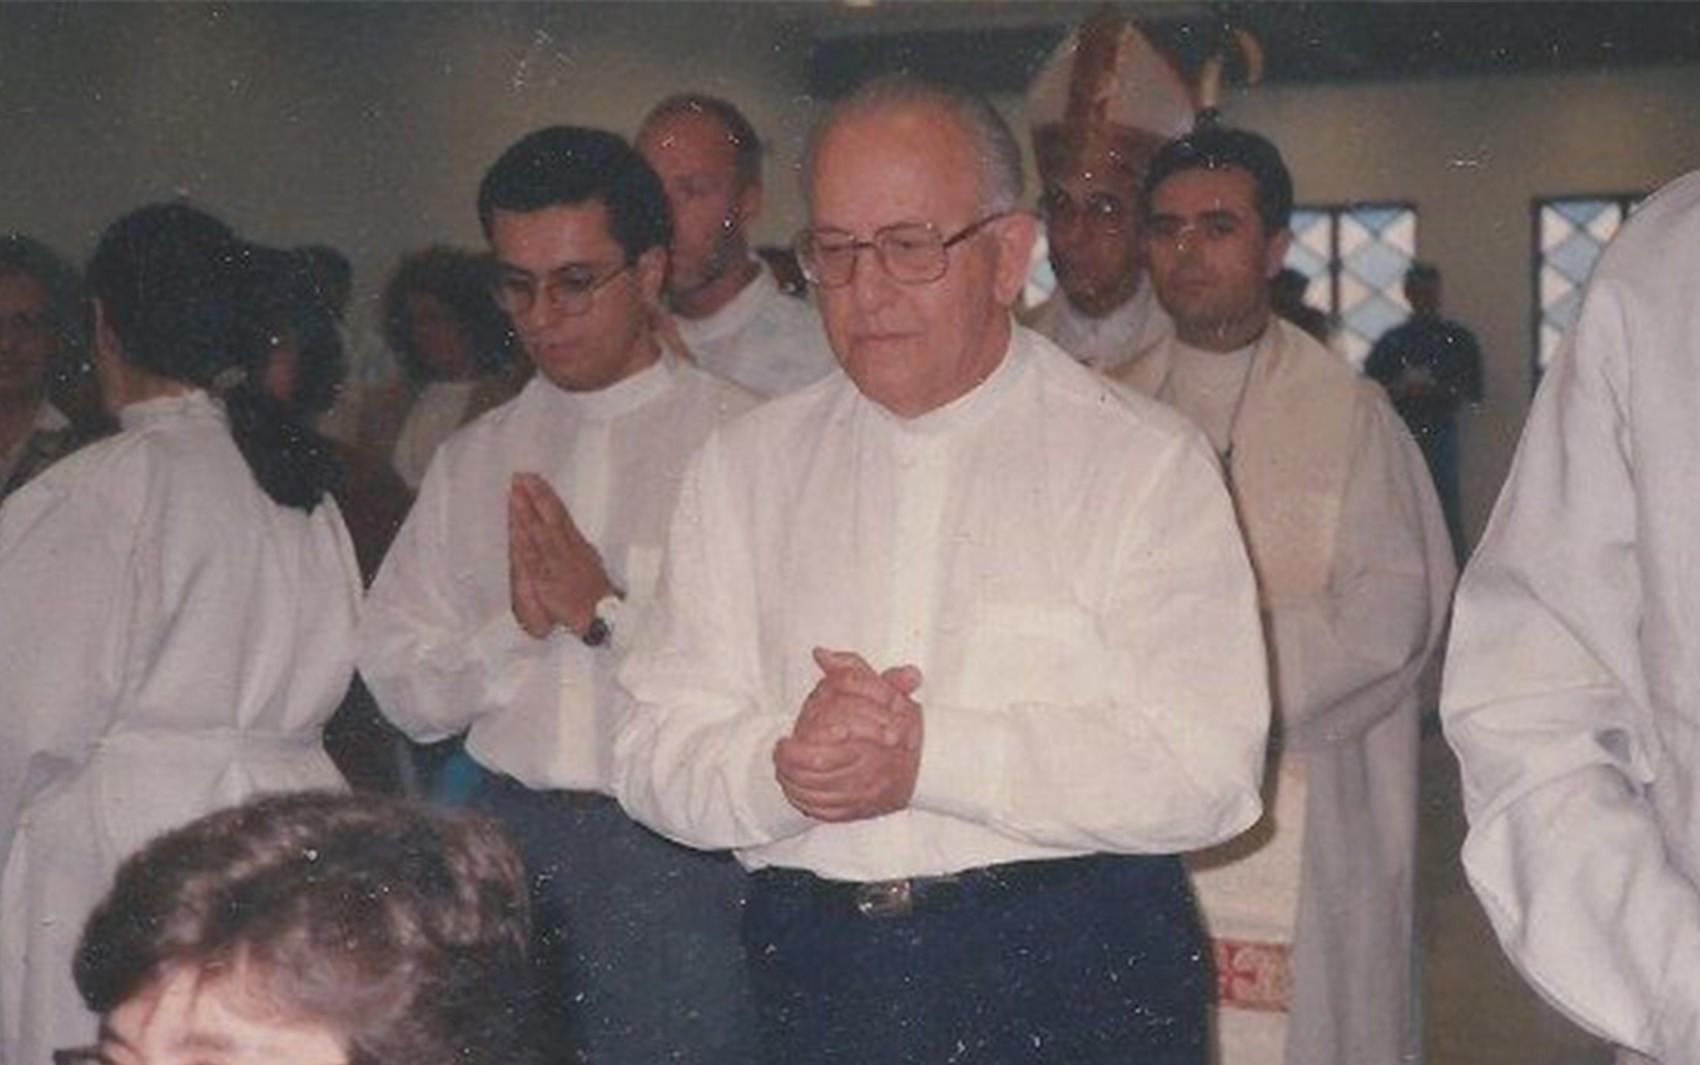 Vaticano autoriza abertura do processo de beatificação do padre Gilberto Maria Defina, de Ribeirão Preto, SP